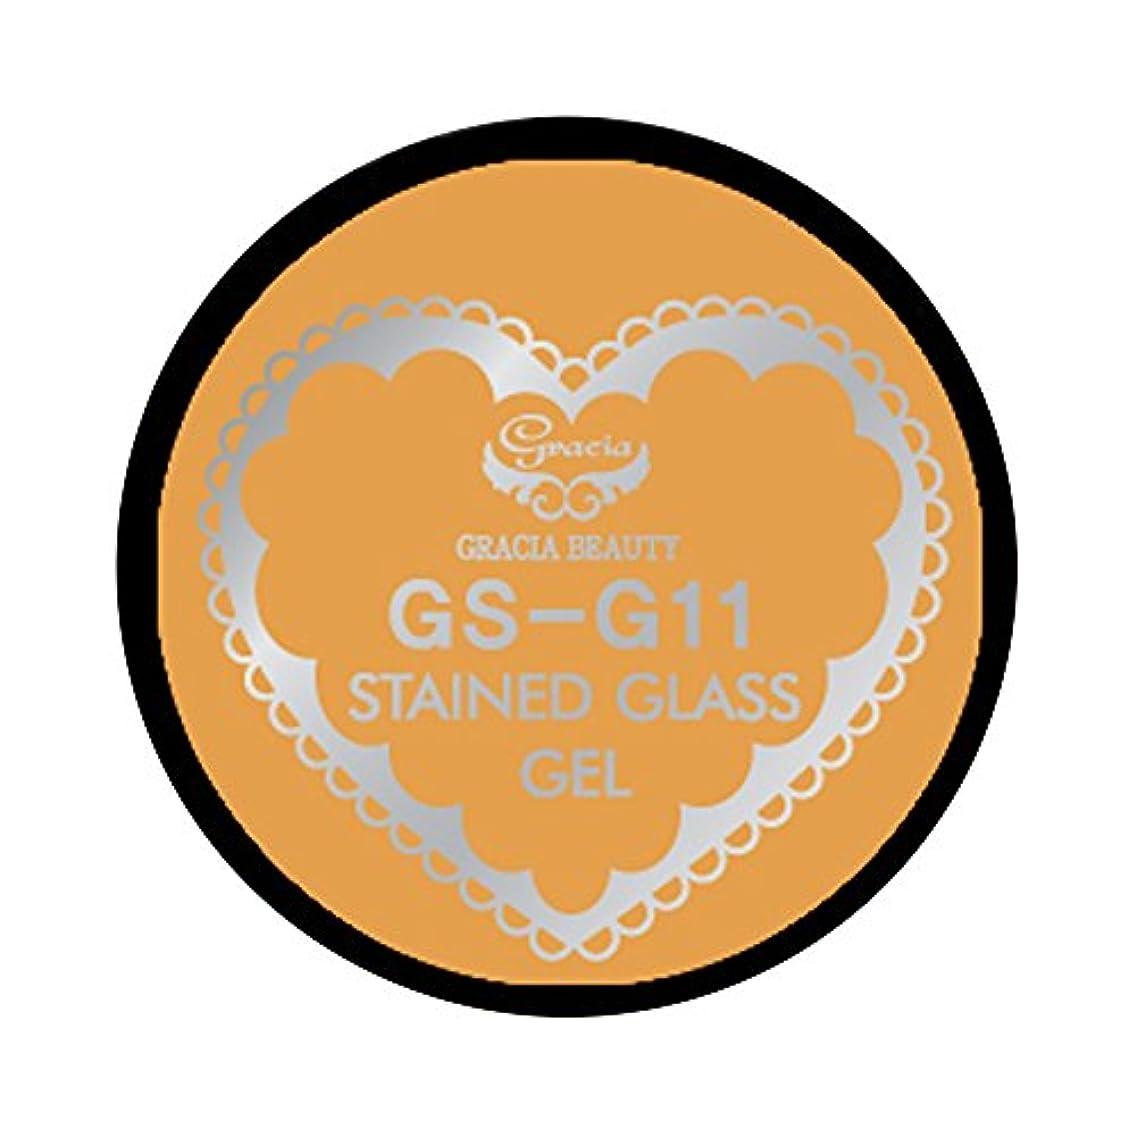 バインド打撃追加するグラシア ジェルネイル ステンドグラスジェル GSM-G11 3g  グリッター UV/LED対応 カラージェル ソークオフジェル ガラスのような透明感